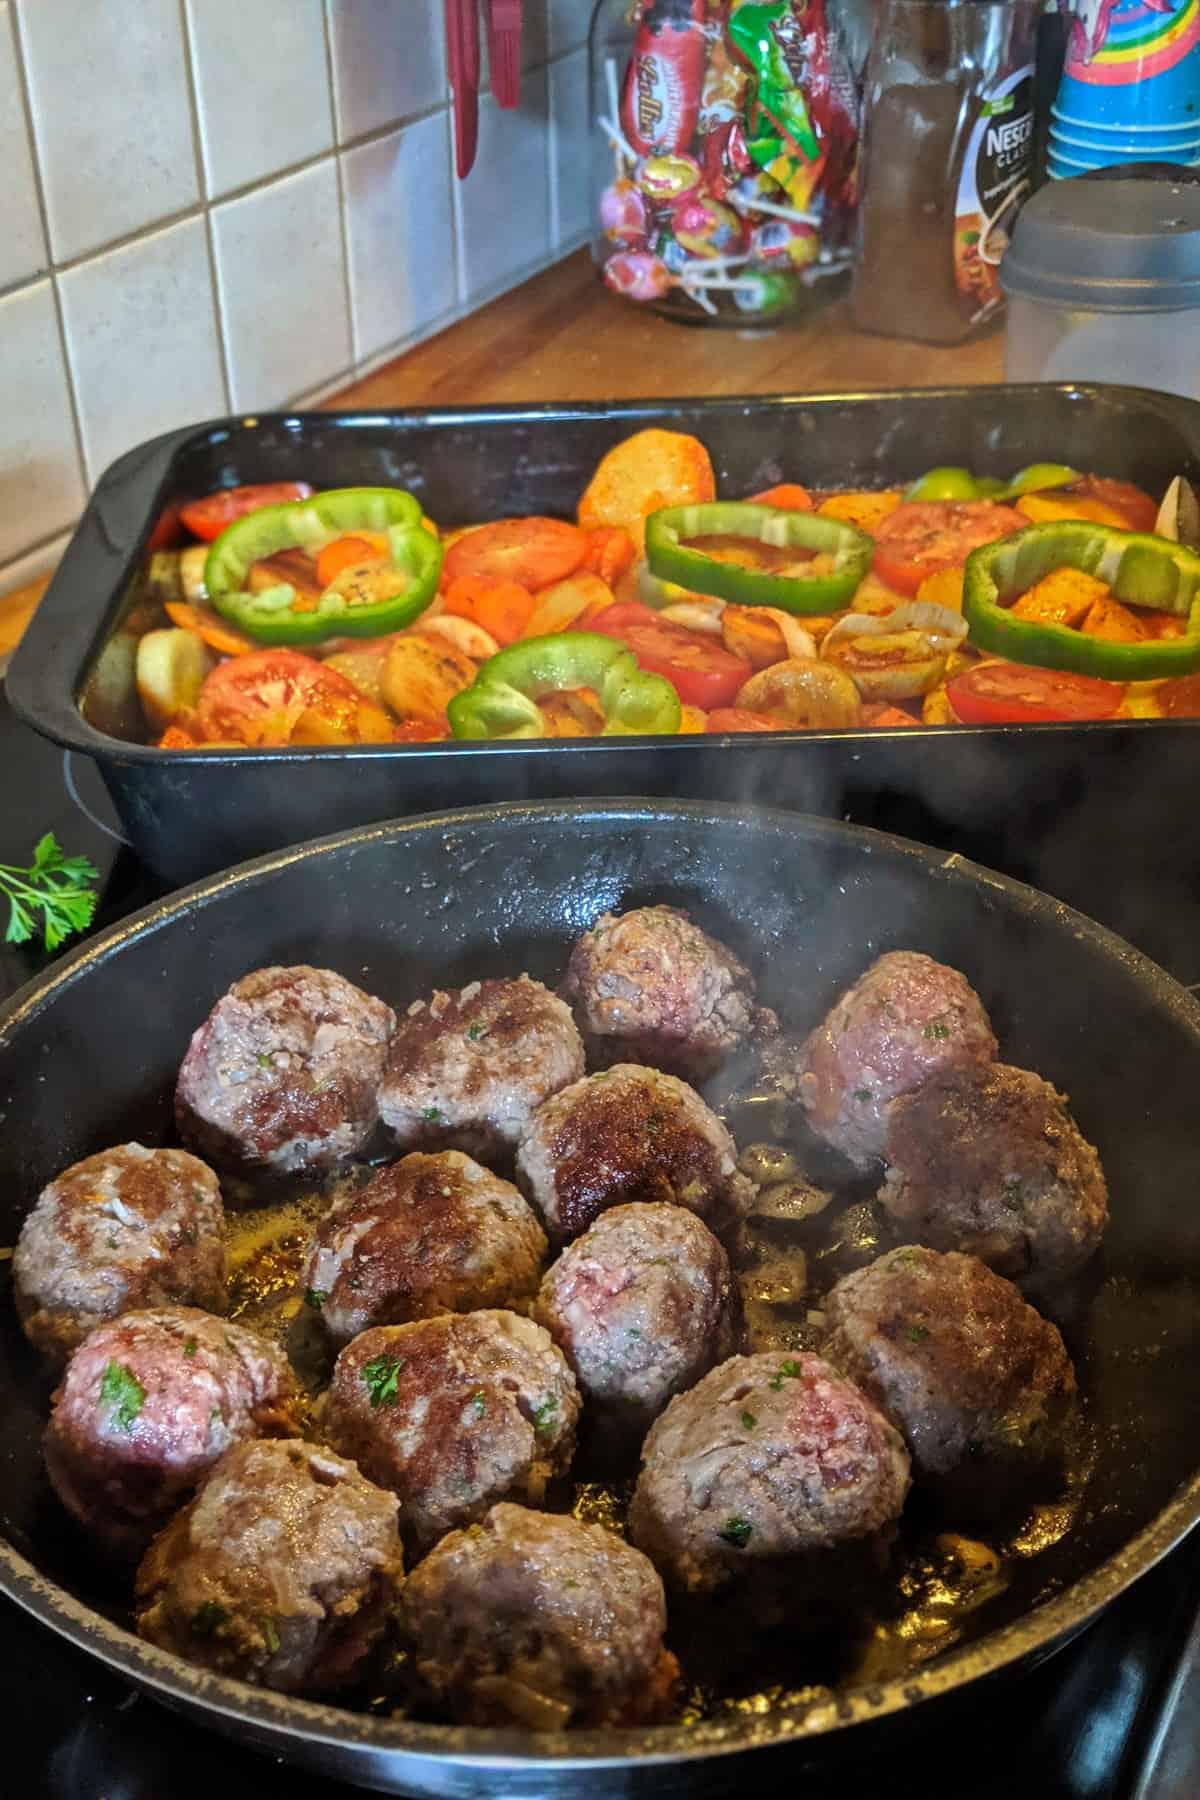 Zubereitung der gebackenen Kartoffeln in Tomatensoße mit Hackbällchen und Gemüse un der Küche.